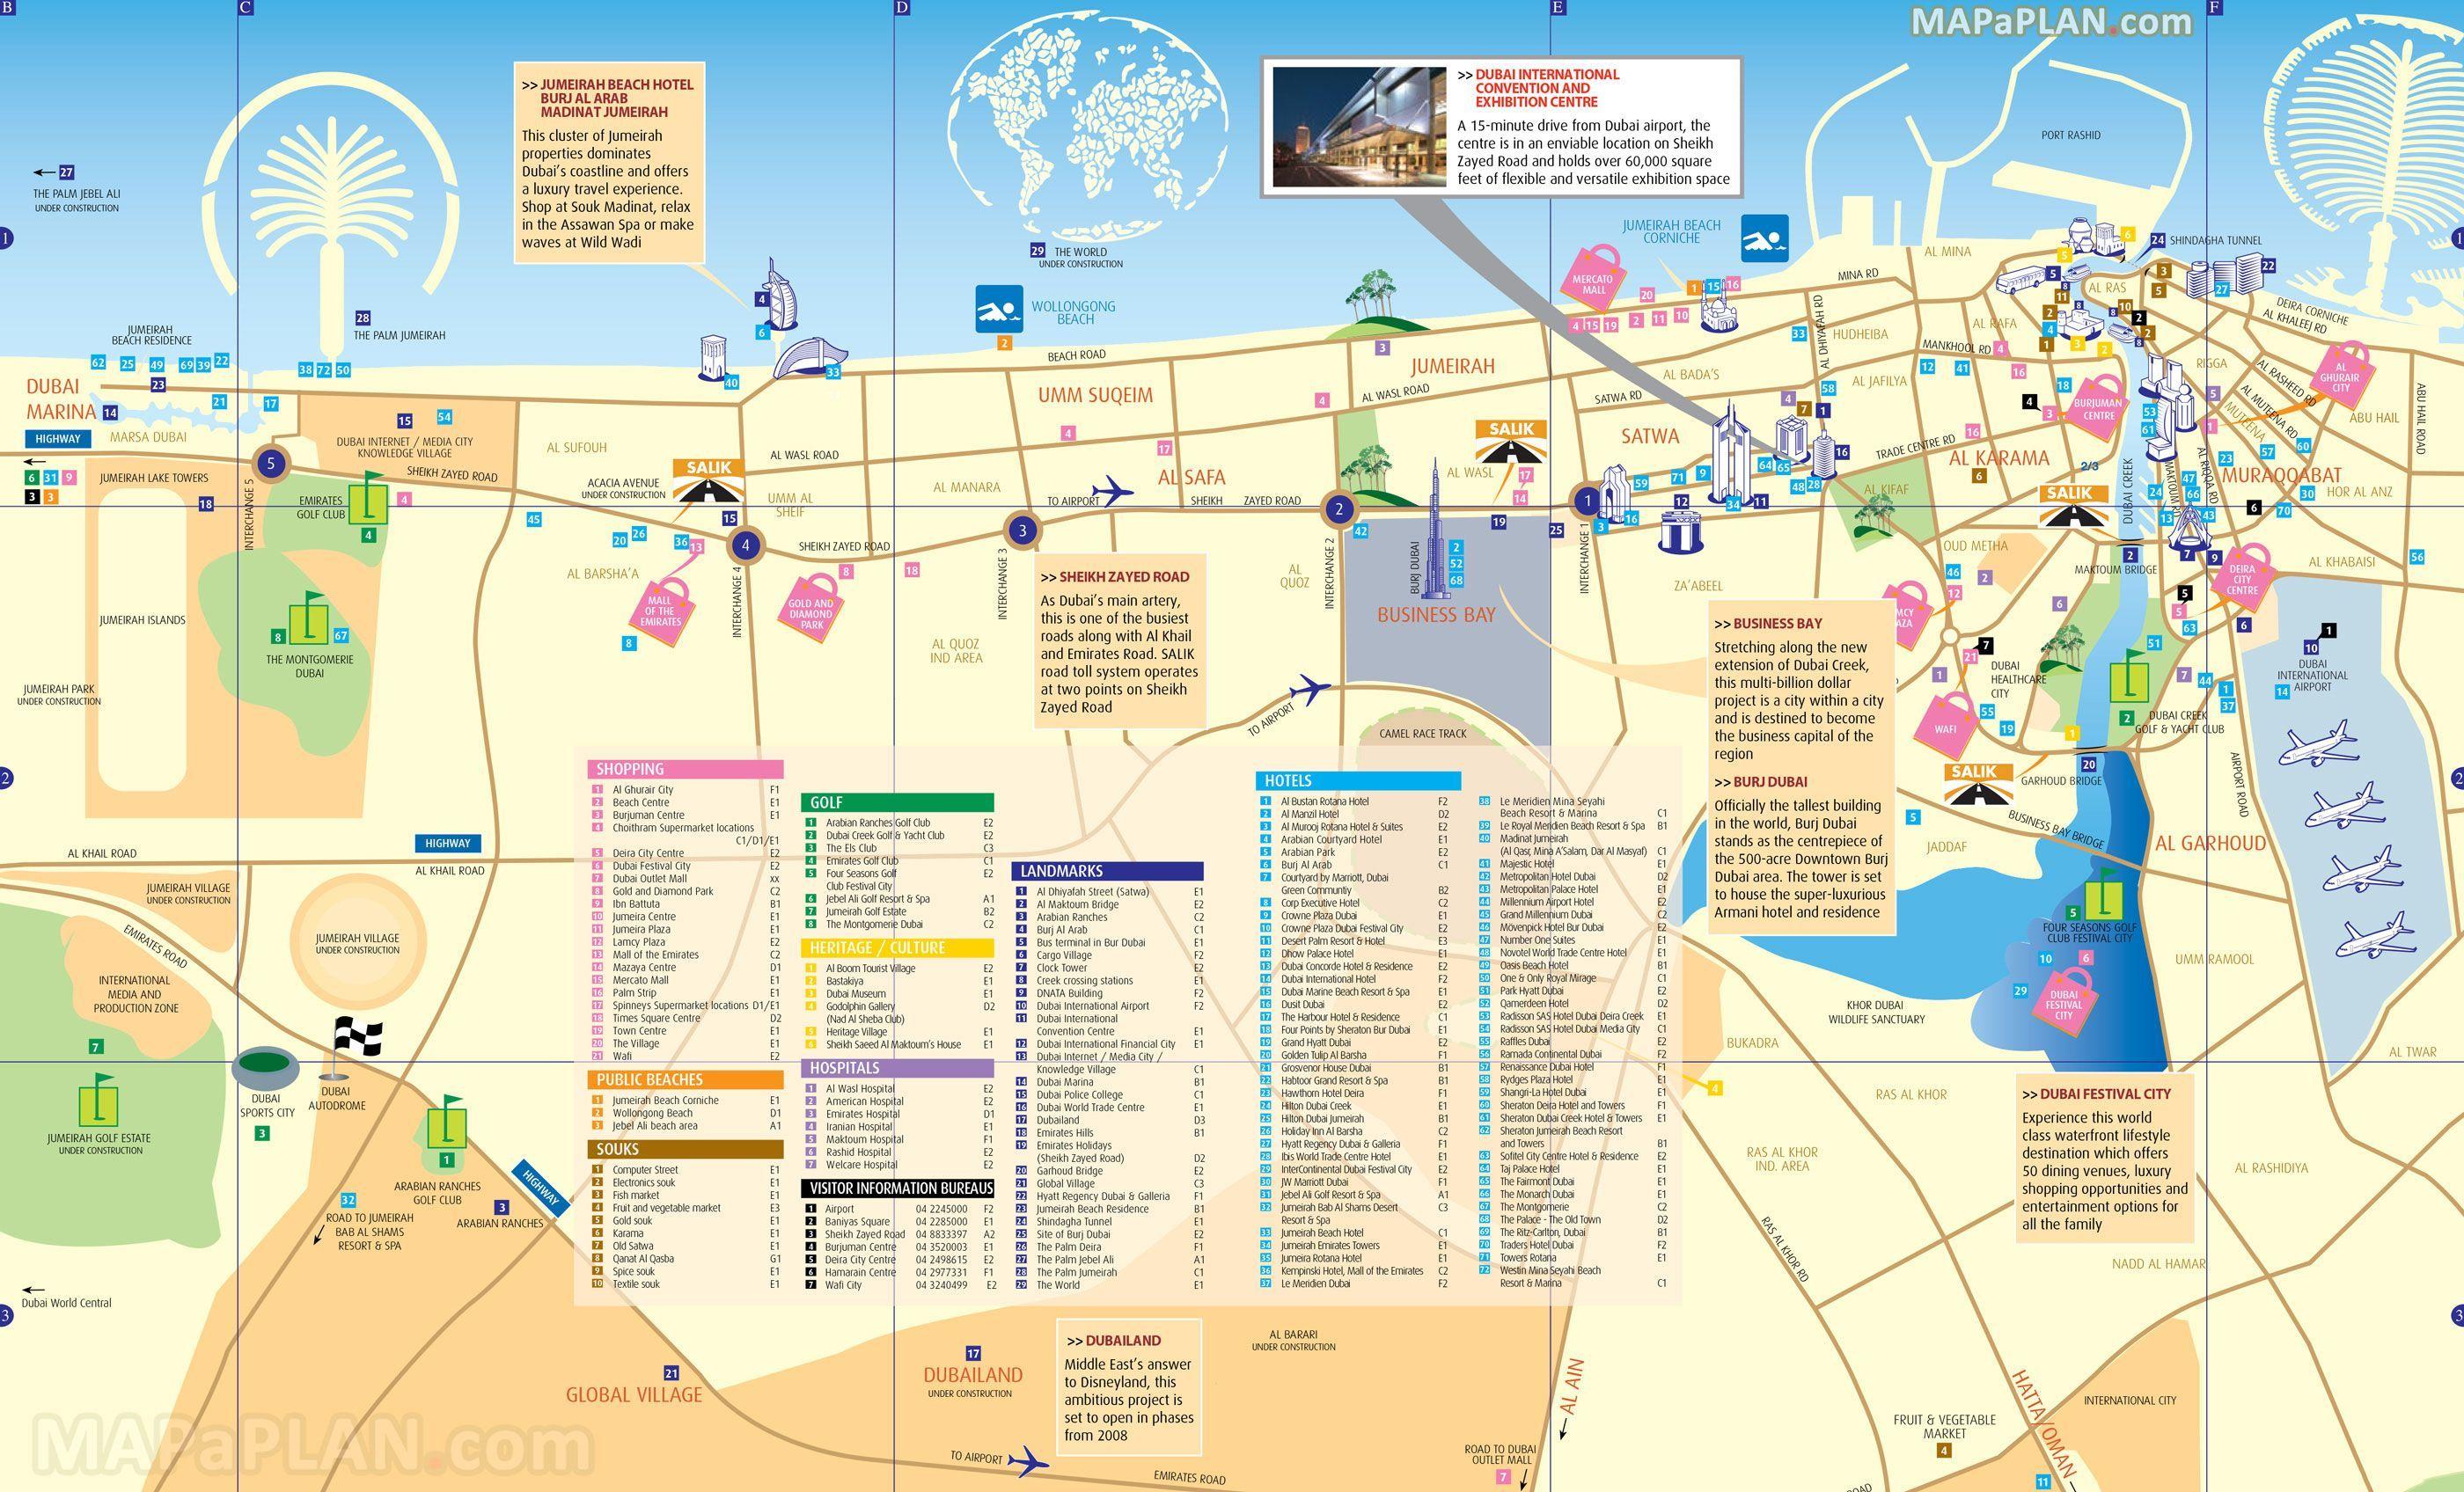 7f1e267f1a99d7f000d4a34e7f2c69b0 - Golf Gardens Abu Dhabi Location Map